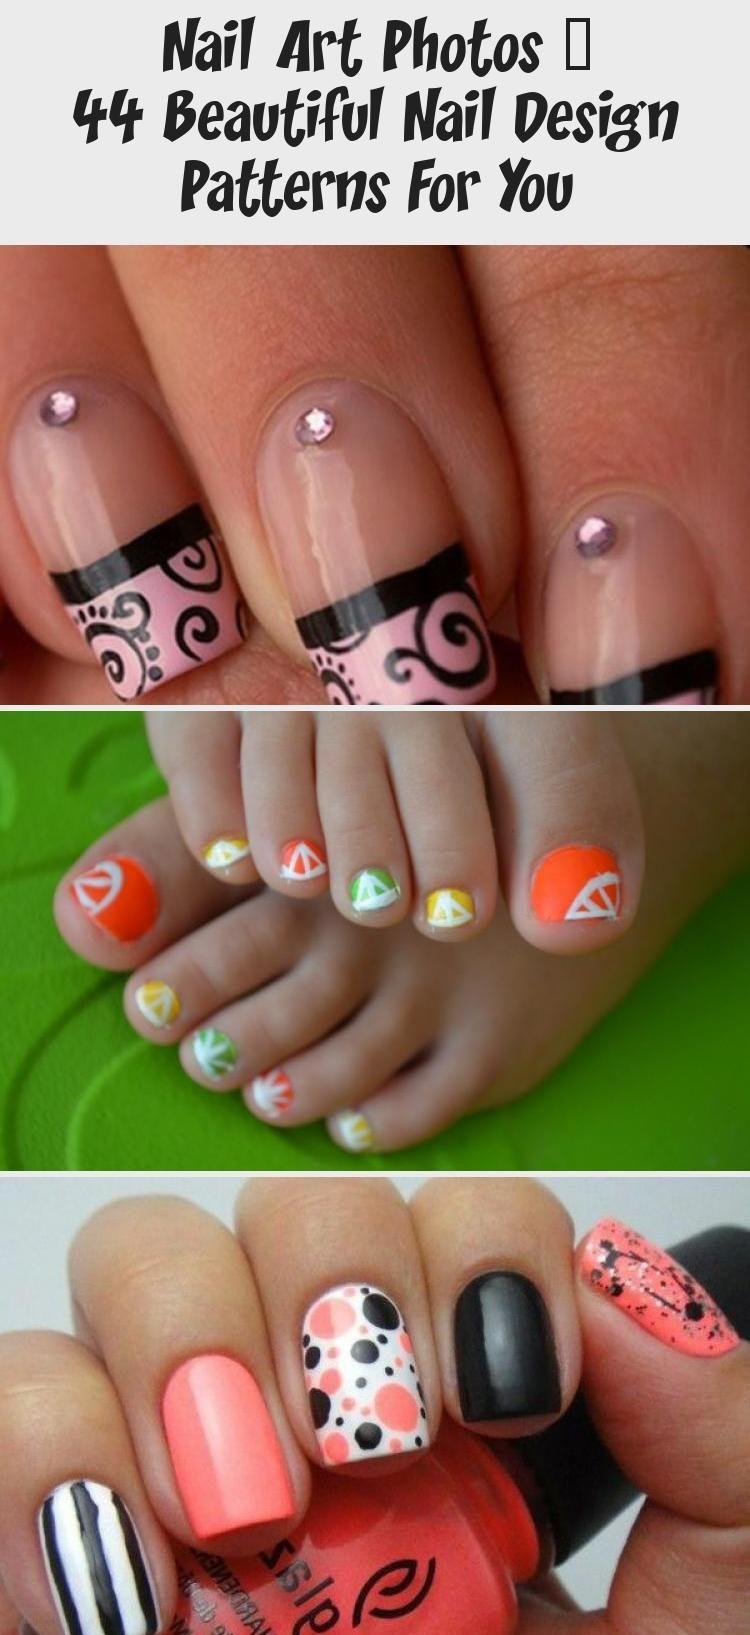 Nail Art Fotos 44 Schone Nagel Design Muster Fur Sie Haut Nagelpflege In 2020 Nagelpflege Spitzennagel Schone Gelnagel